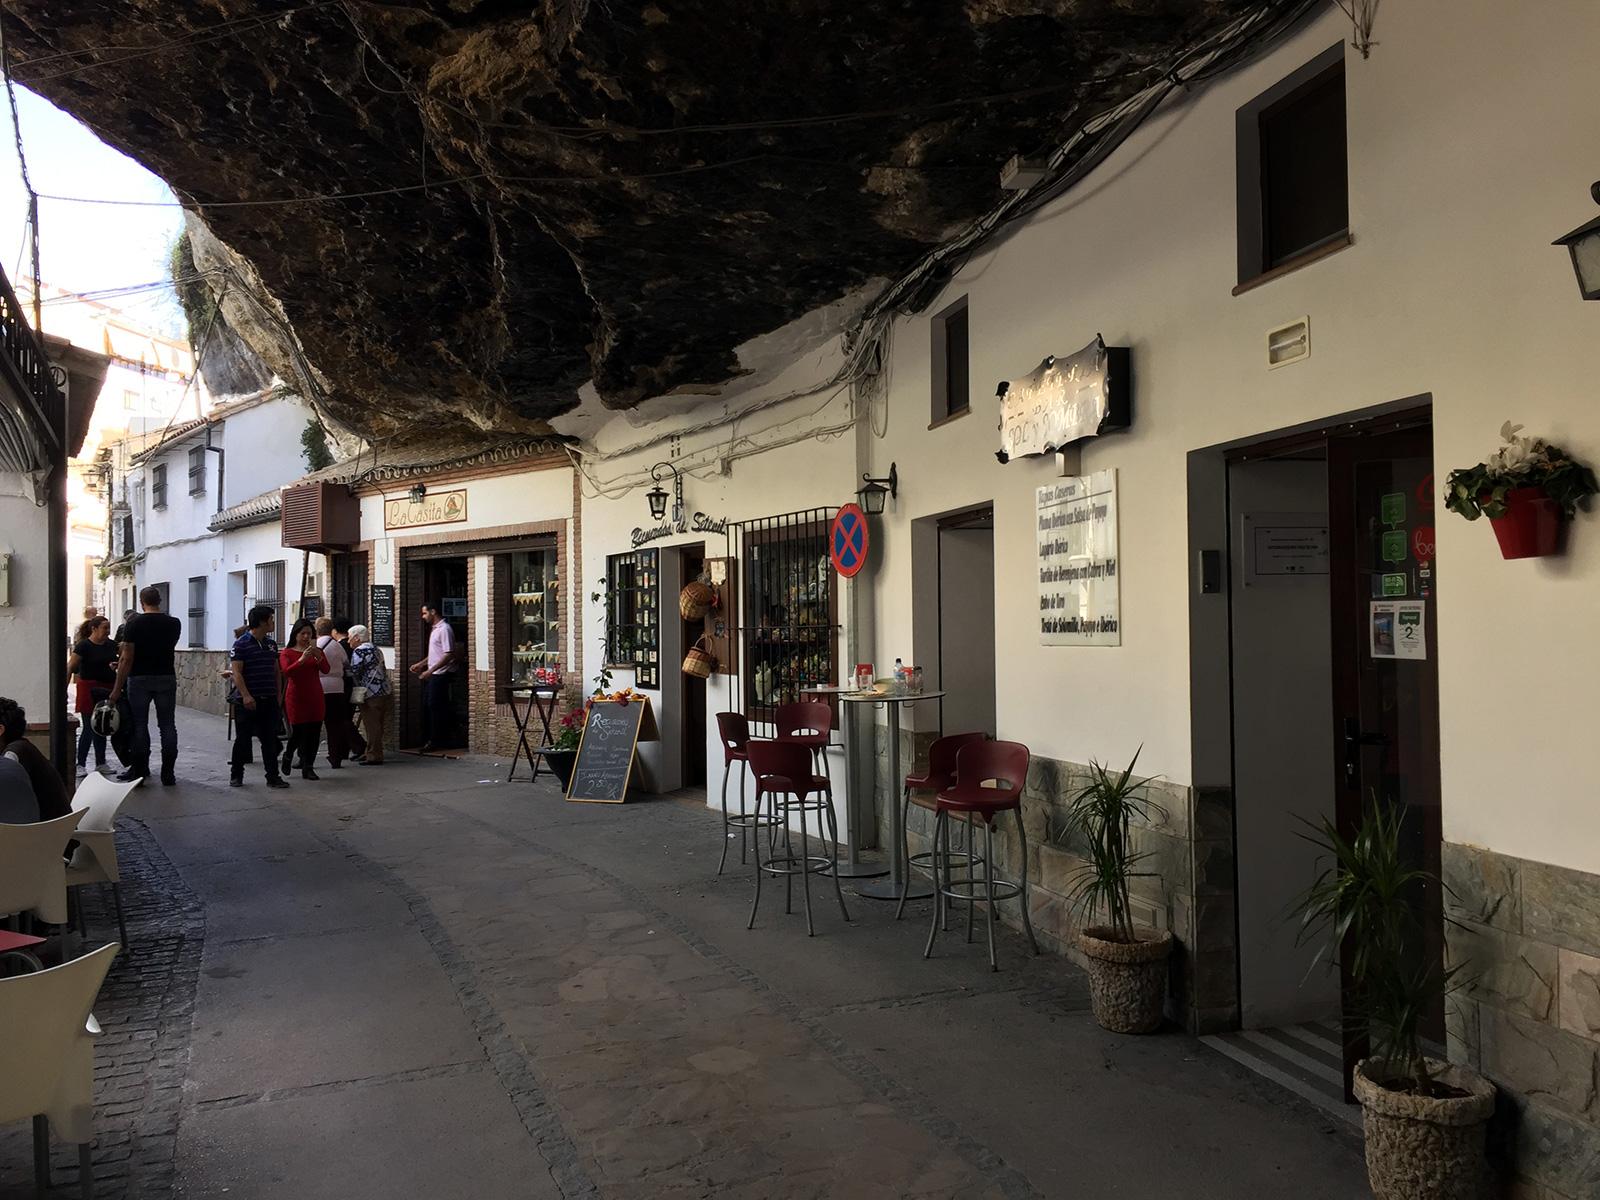 Setenil de las Bodegas, Spain by Jets Like Taxis